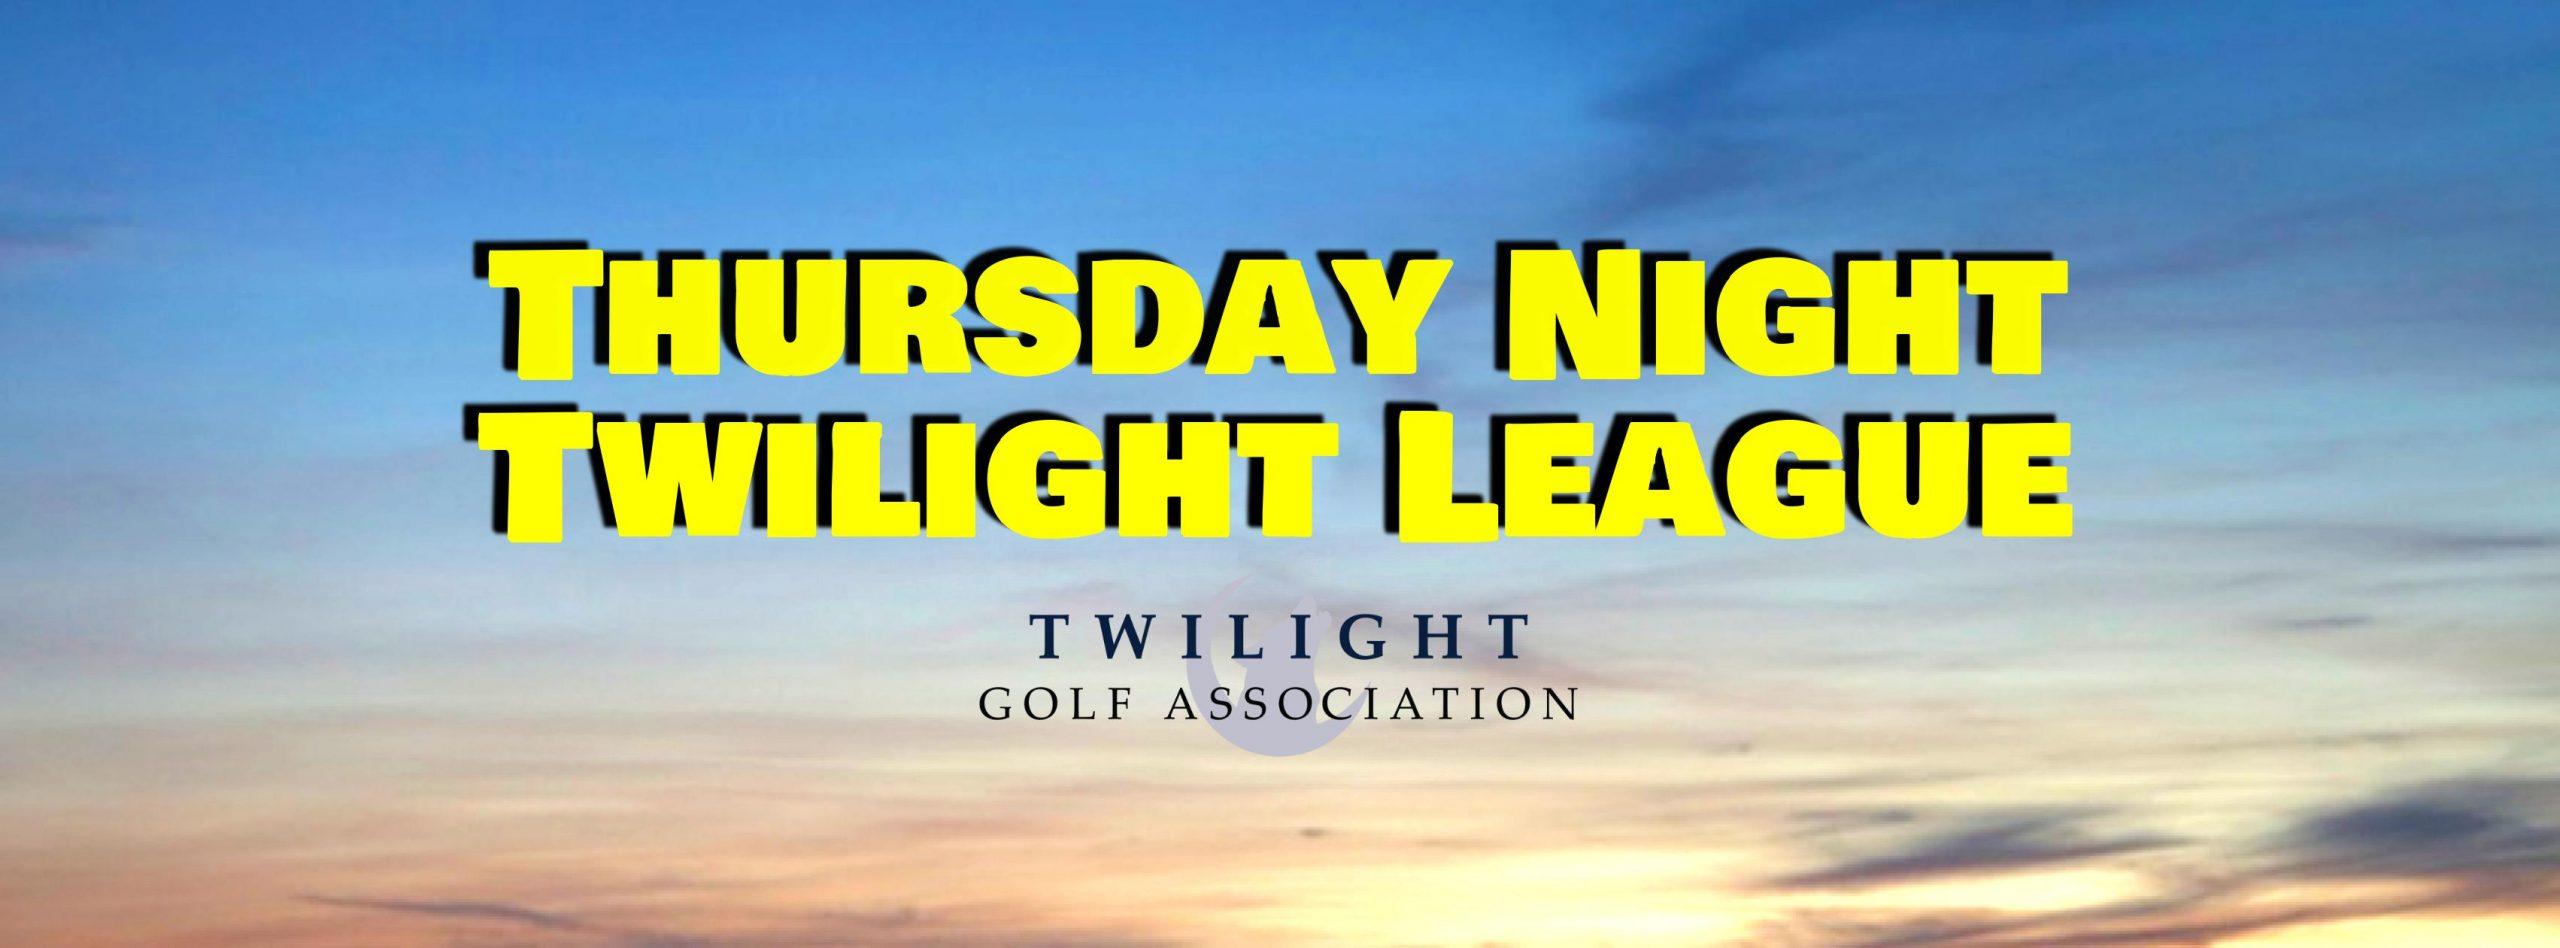 Thursday Twilight League at Myakka Pines Golf Club